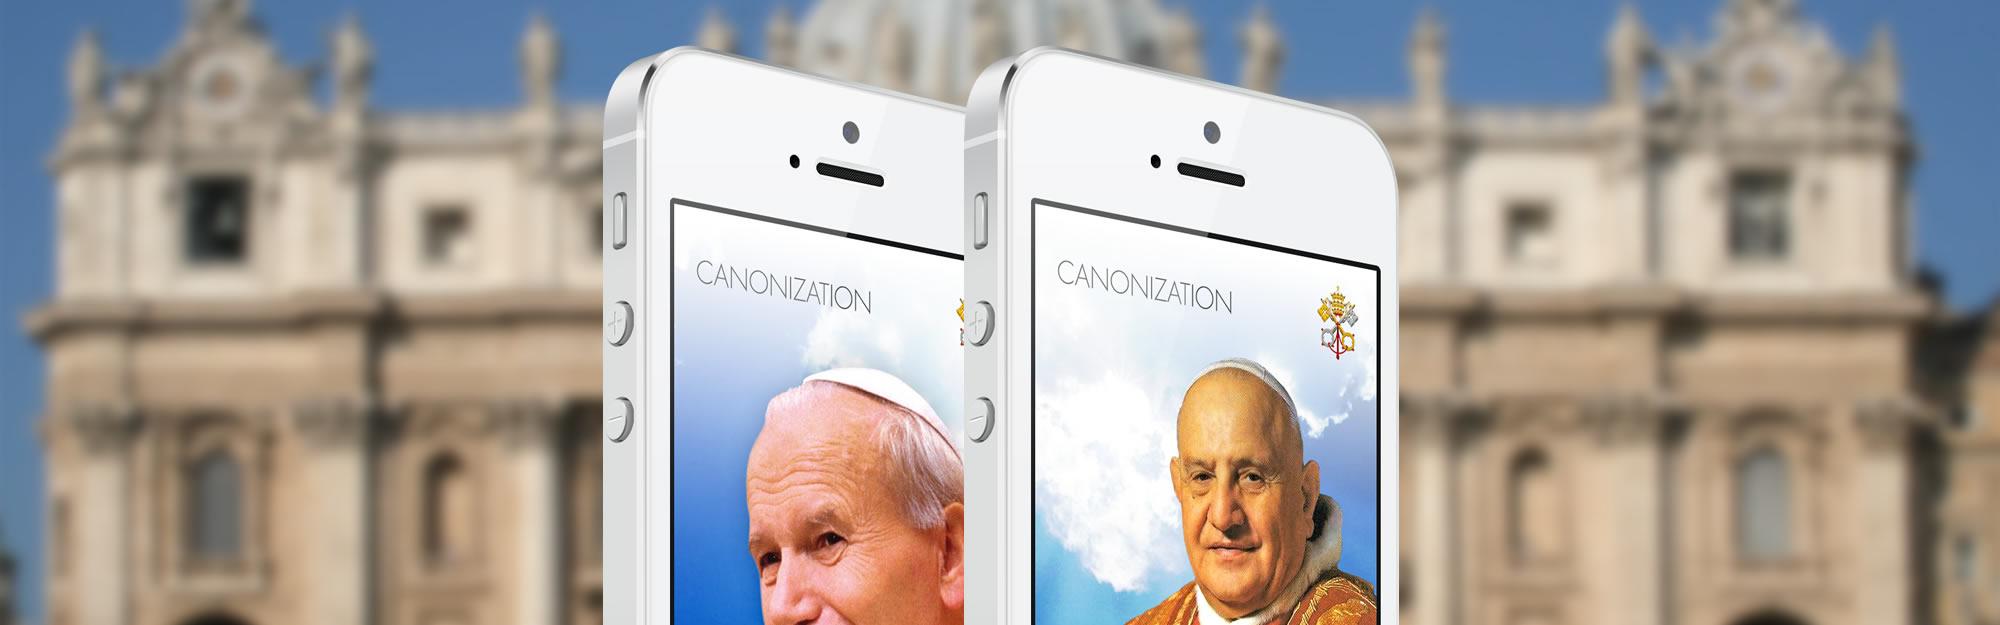 Iquii lancia le App ufficiali per la canonizzazione di Giovanni Paolo II e Giovanni XXIII